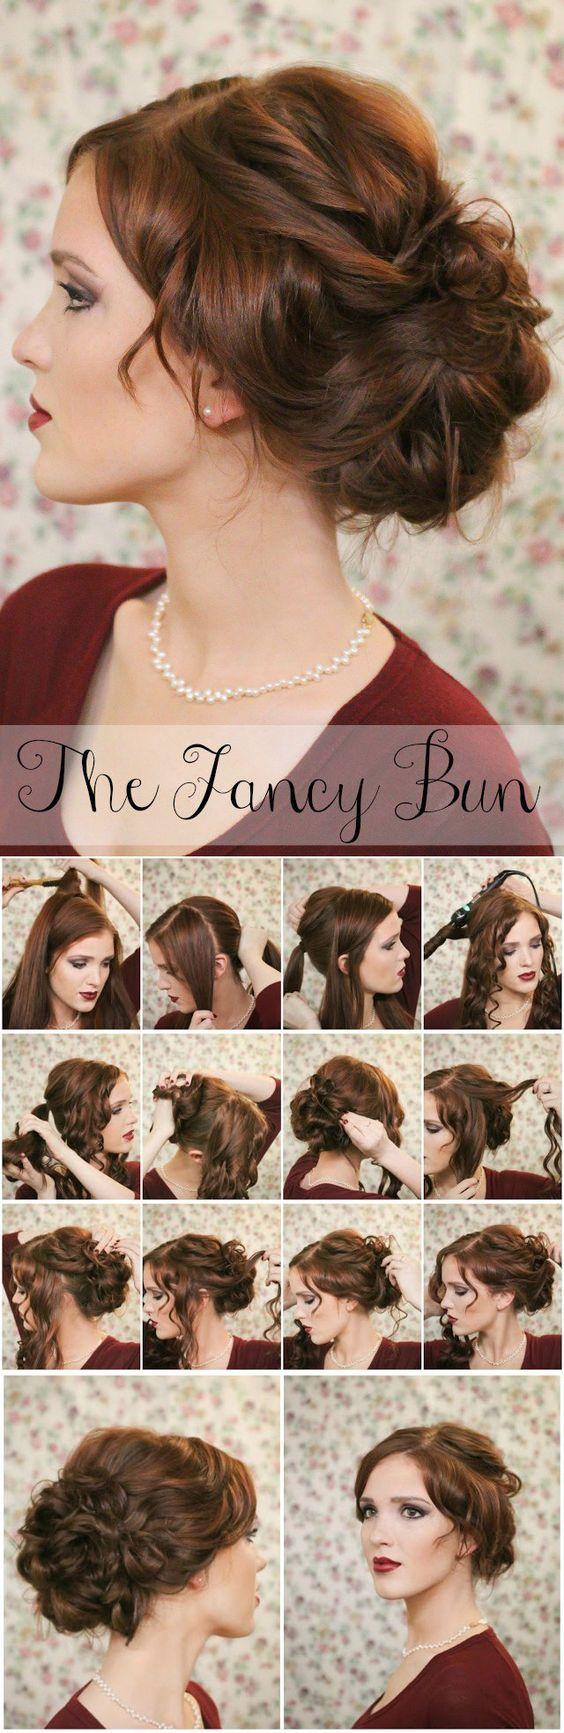 hair tutorials for buns easy bun bun updo and bun hairstyle